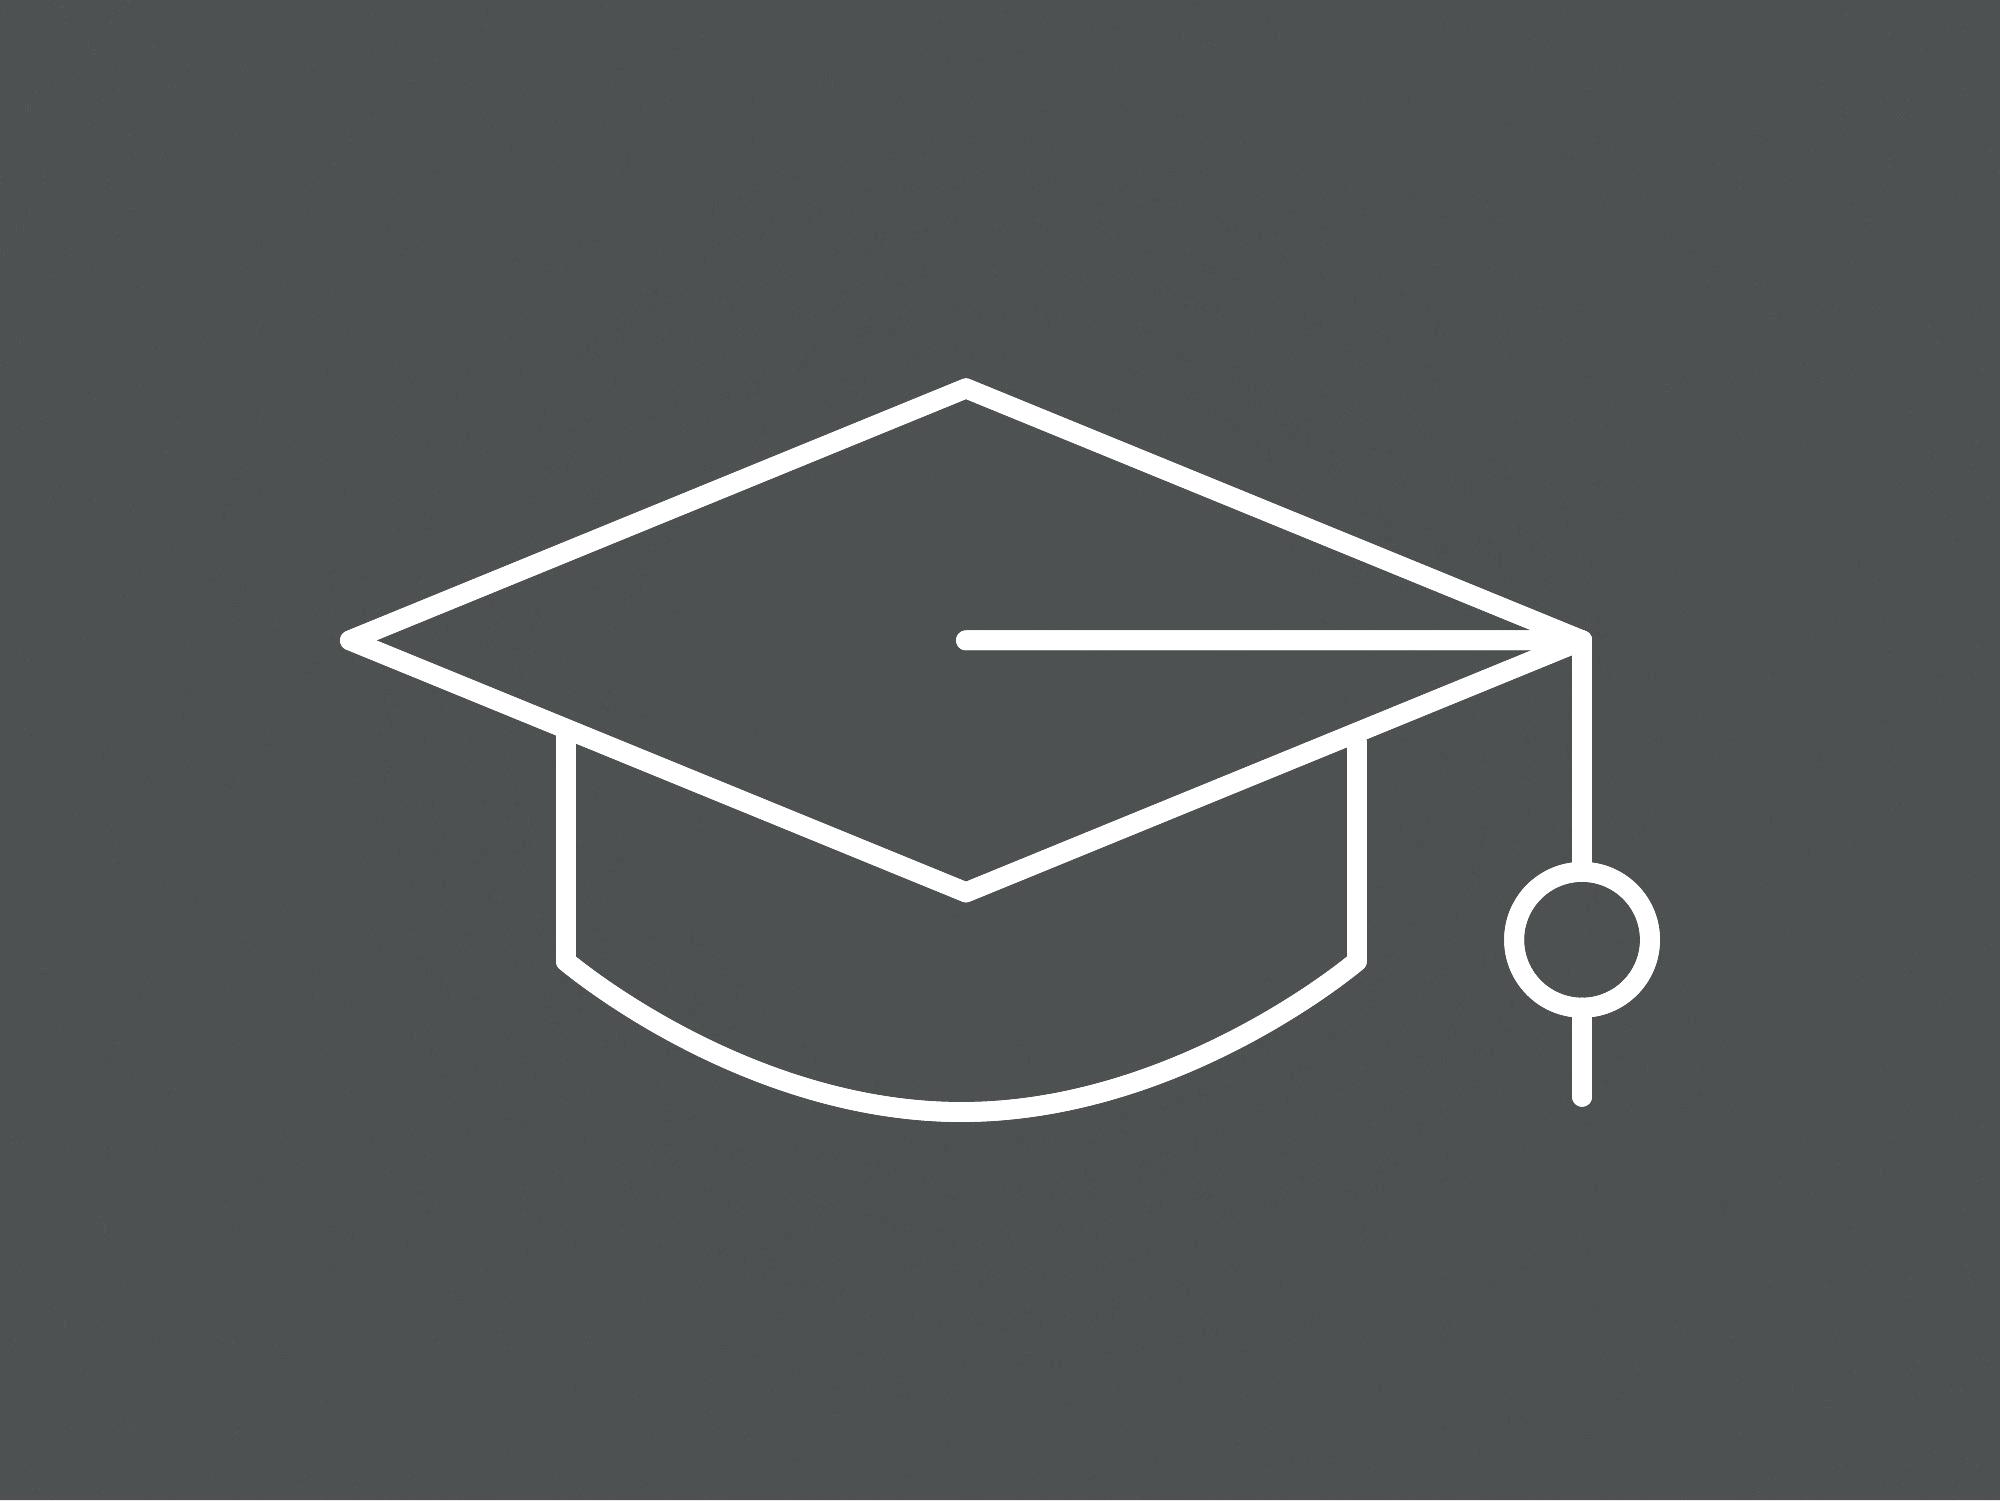 Icon education cinza